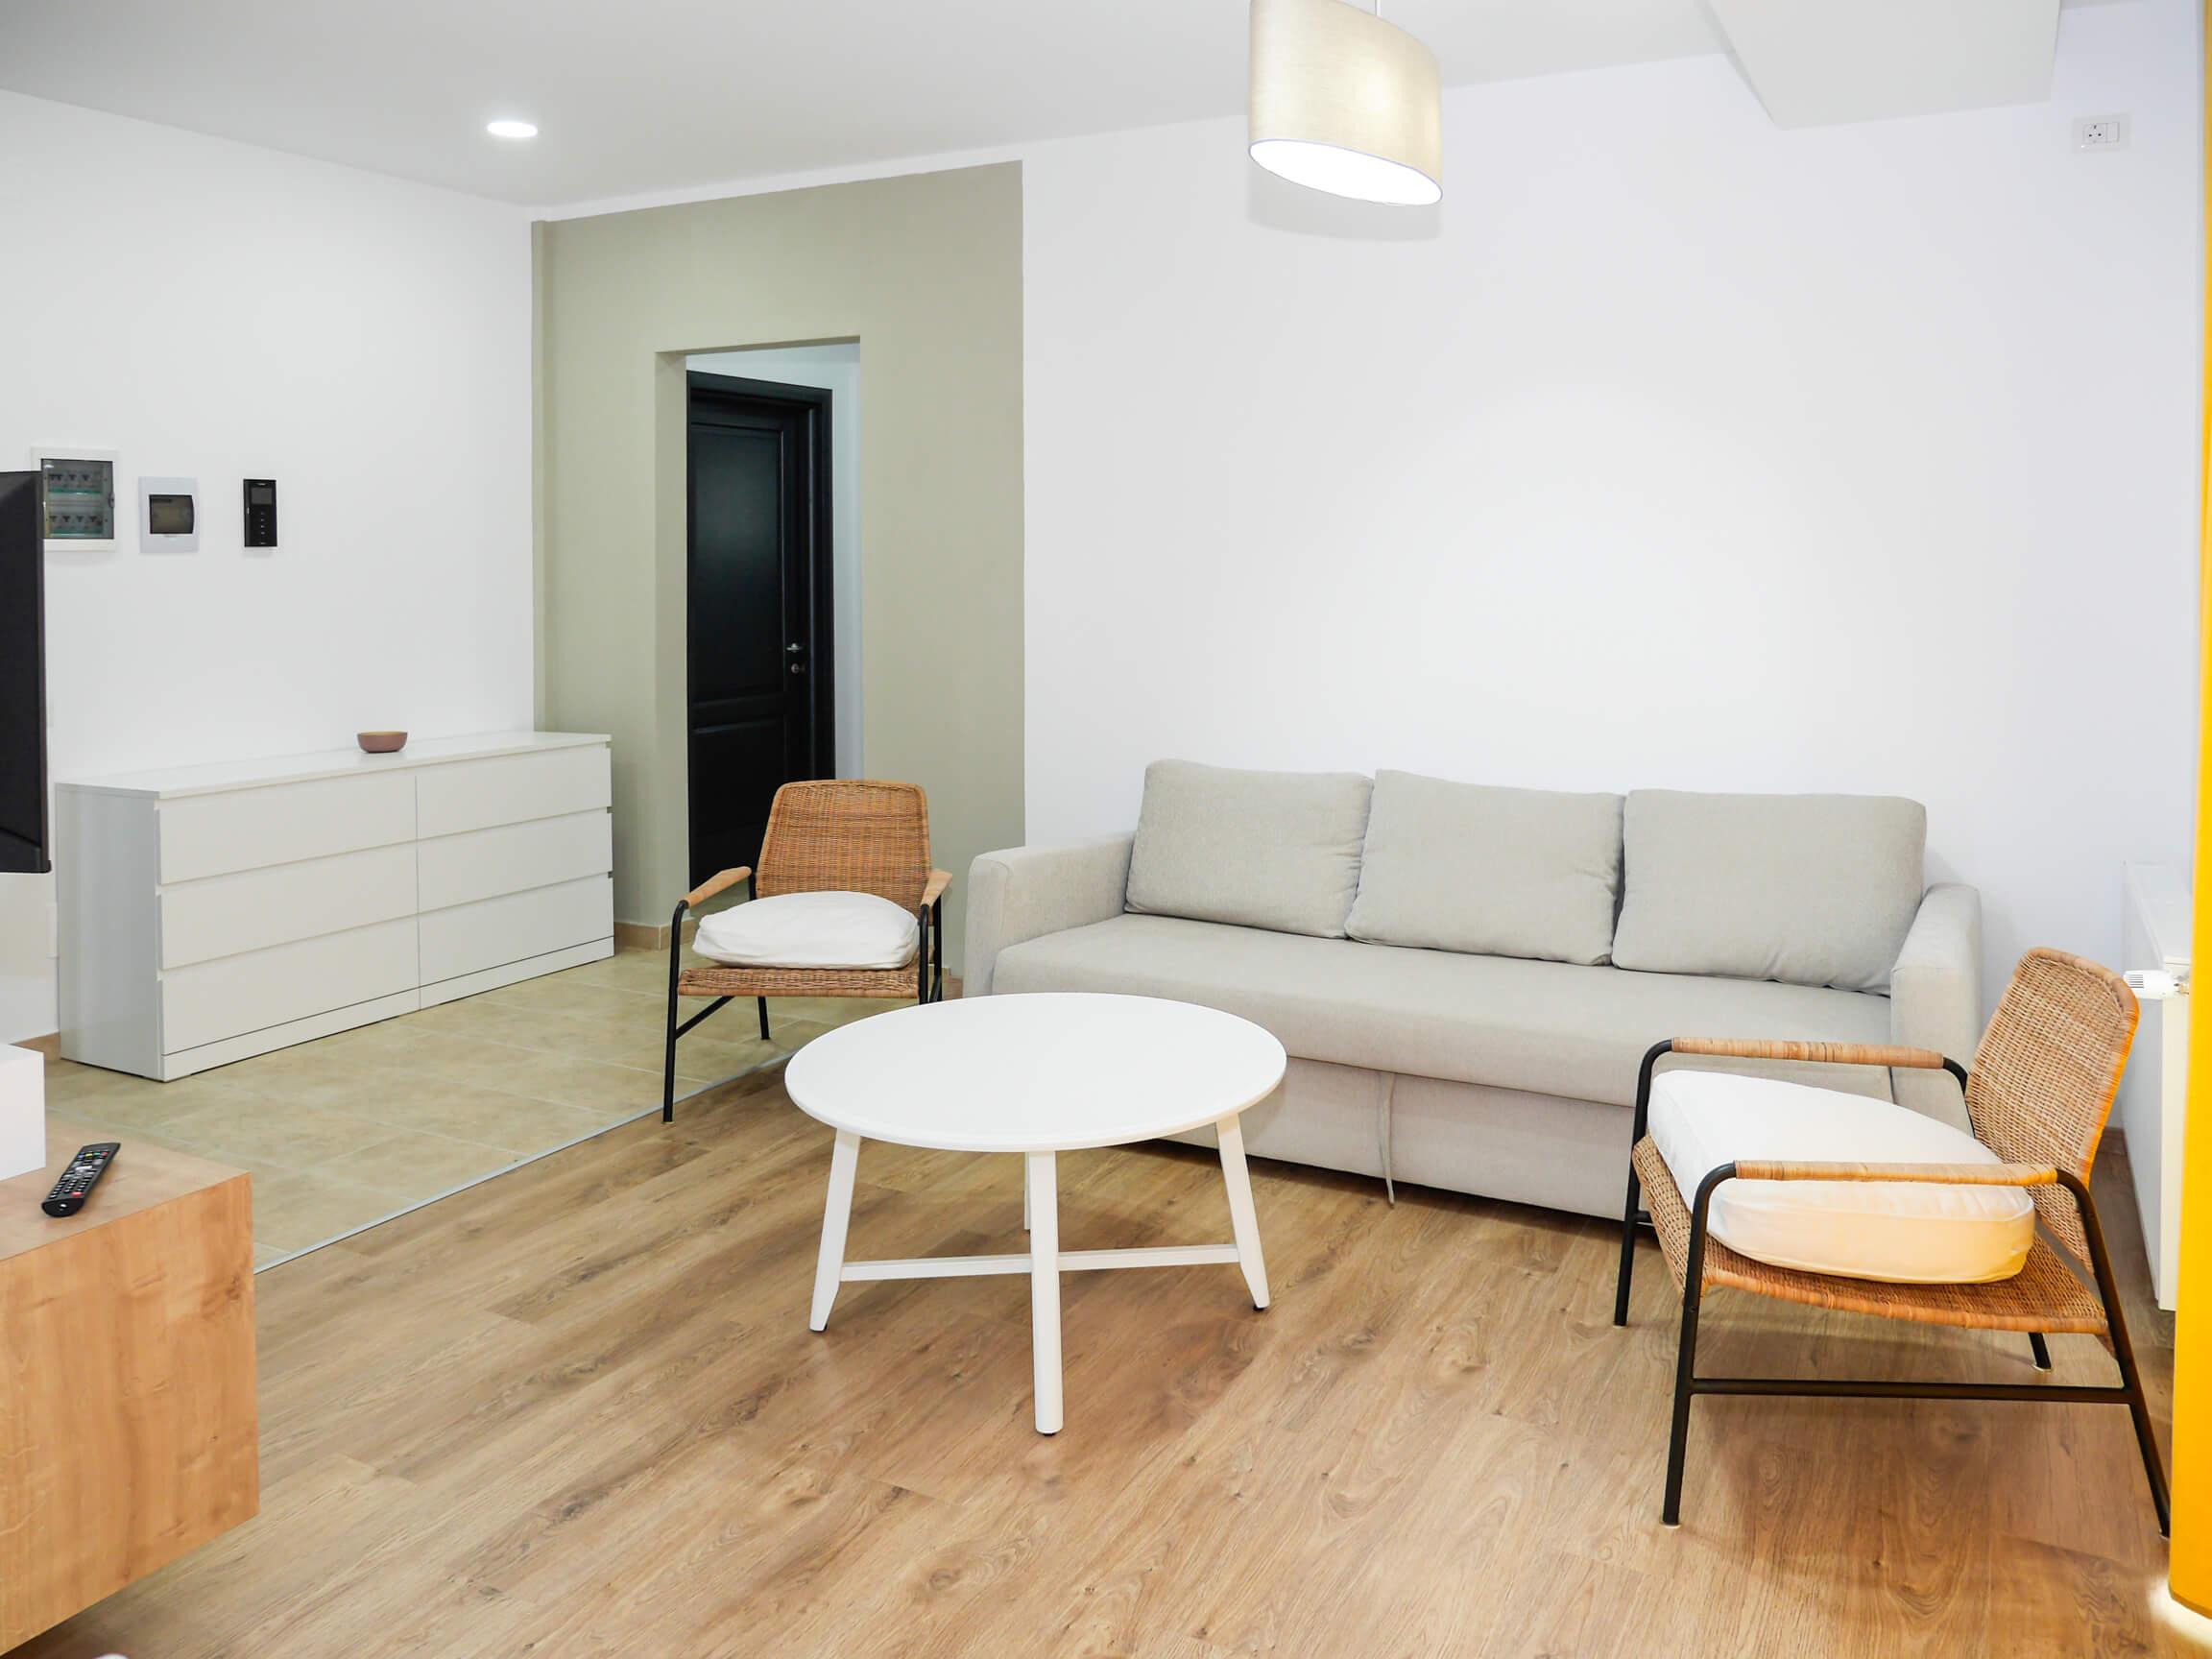 Clement Apartments - apartamente de inchiriat in regim hotelier - cazare neamt - cazare piatra neamt - apartament 4 (4)